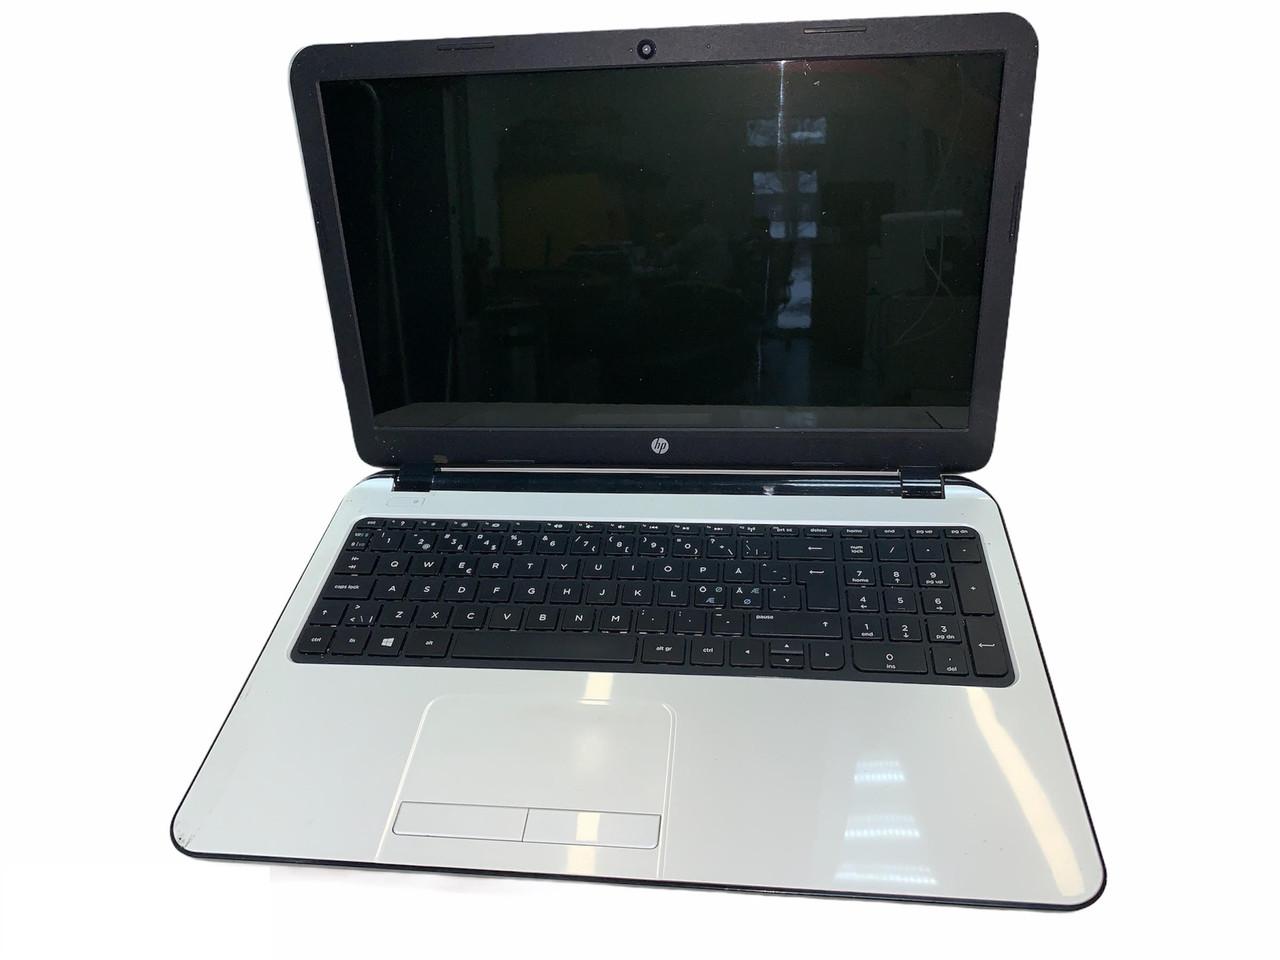 Ноутбук HP 15 a034no-AMD A6-6310-1.8GHz-8Gb-DDR3-500Gb-HDD-W15.6-Web-(B-)- Б/У